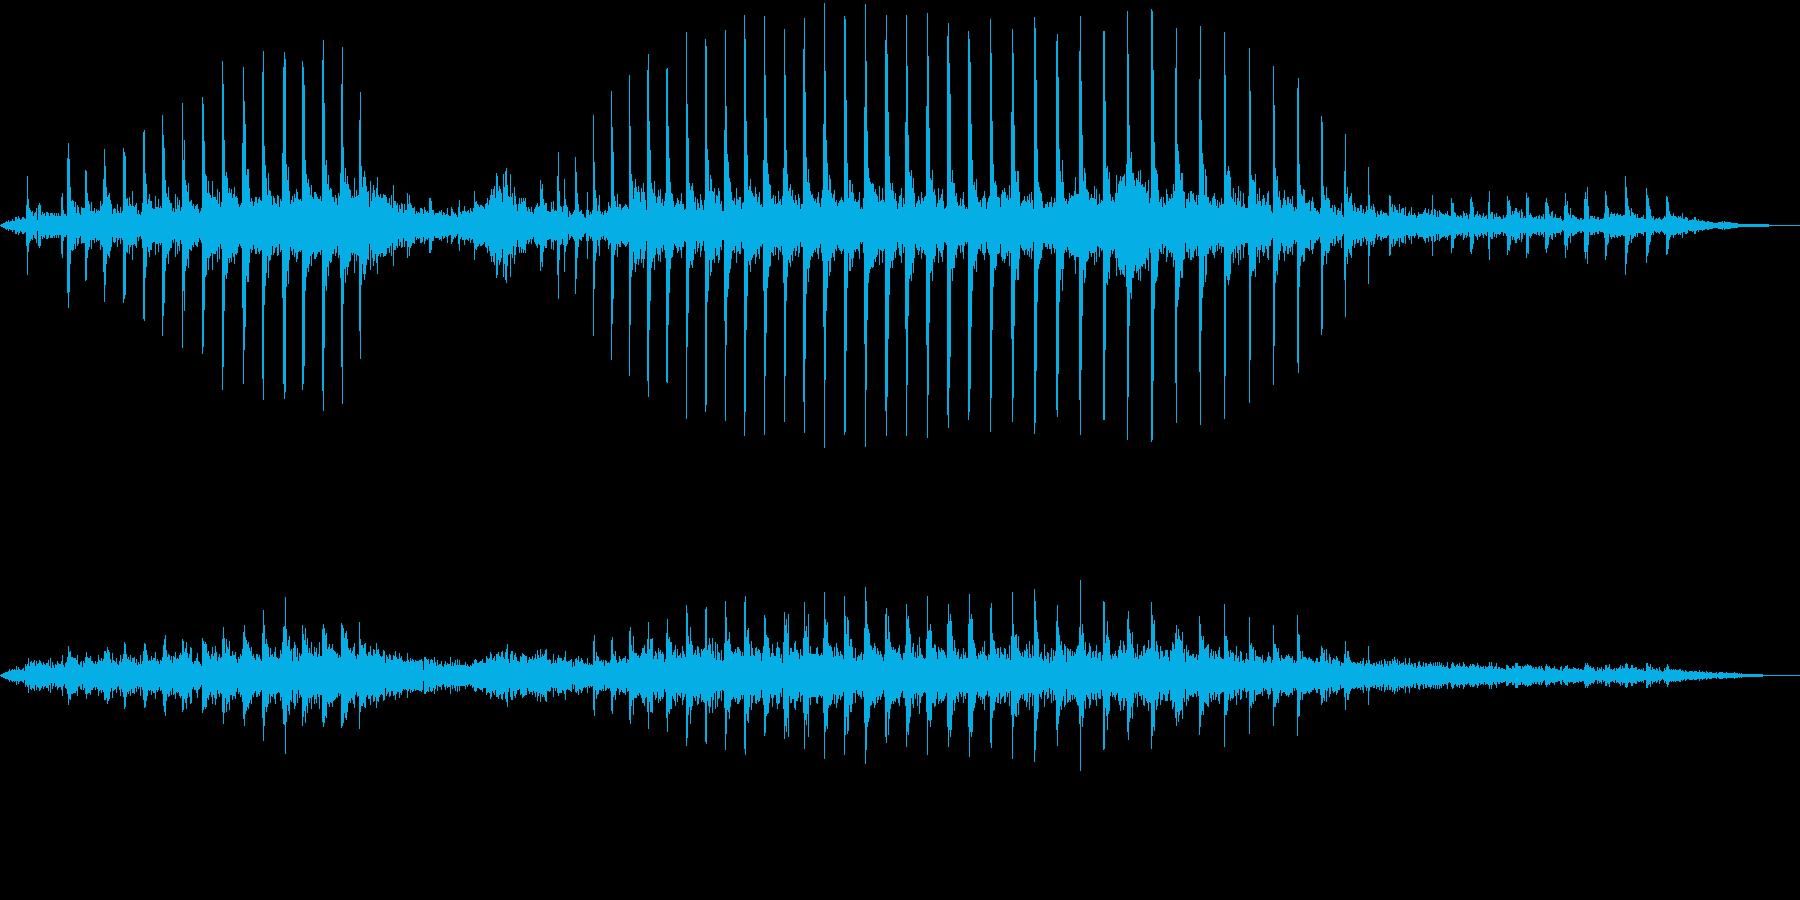 【生録音】コウノトリのクラッタリングの音の再生済みの波形